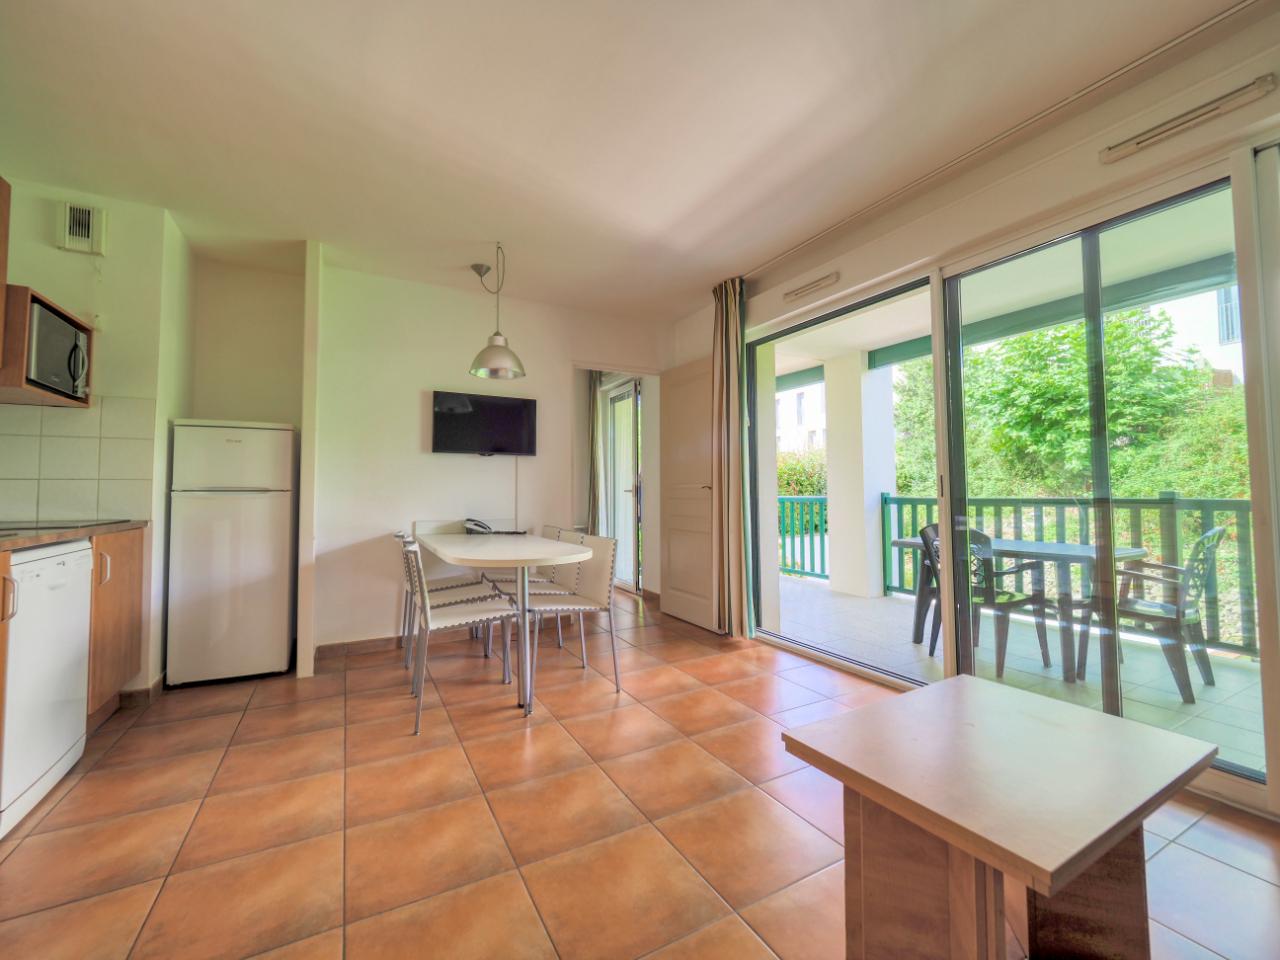 vente appartement à SAINT JEAN DE LUZ - 225 000